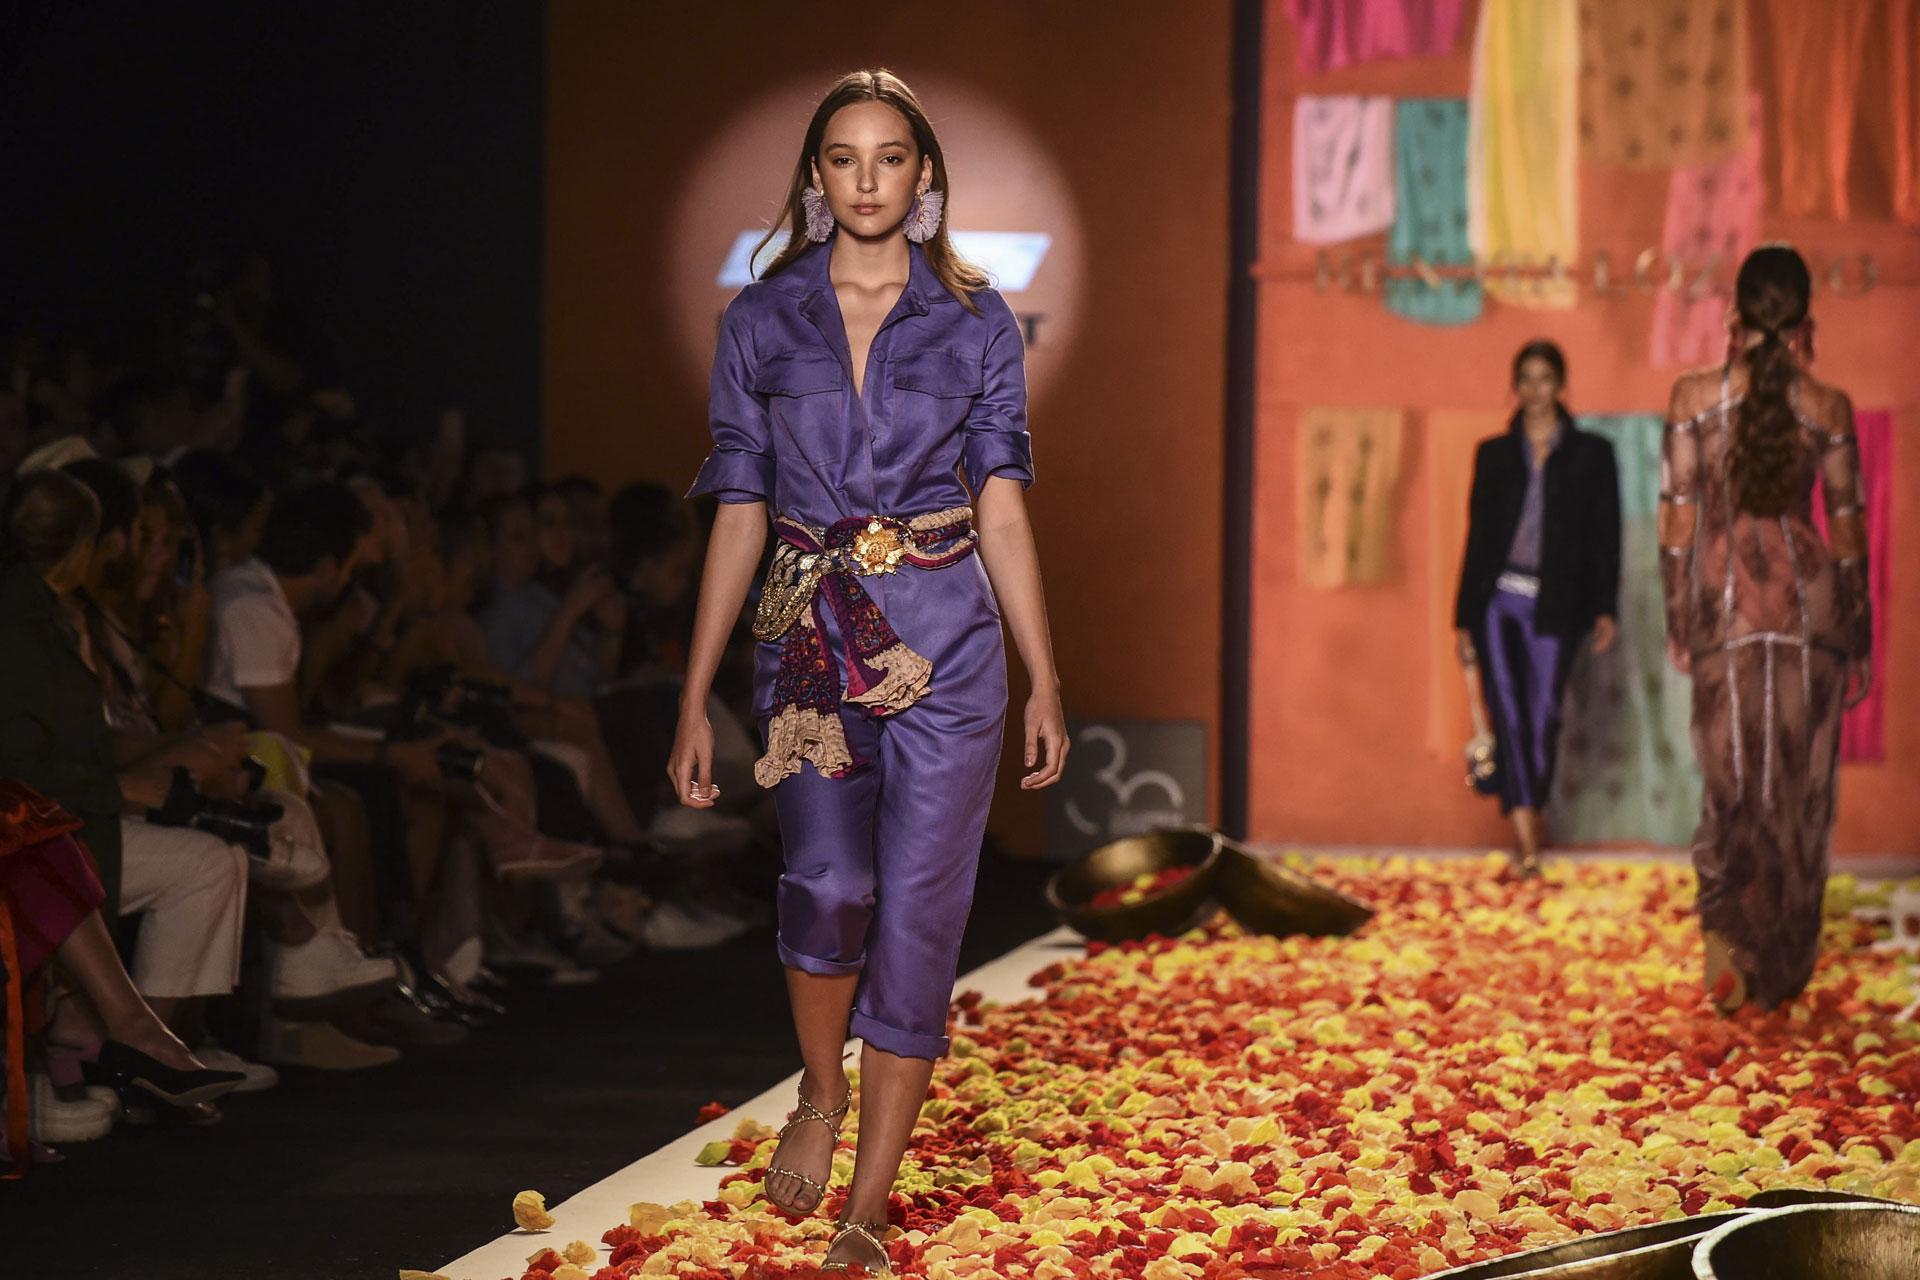 En taftán con cinturón bordado, un mono en violeta metalizado deslumbró en la colección de Renata Lozano en Medellín. La diseñadora quiso optimizar al máximo exponente los recursos de reutilizar las telas